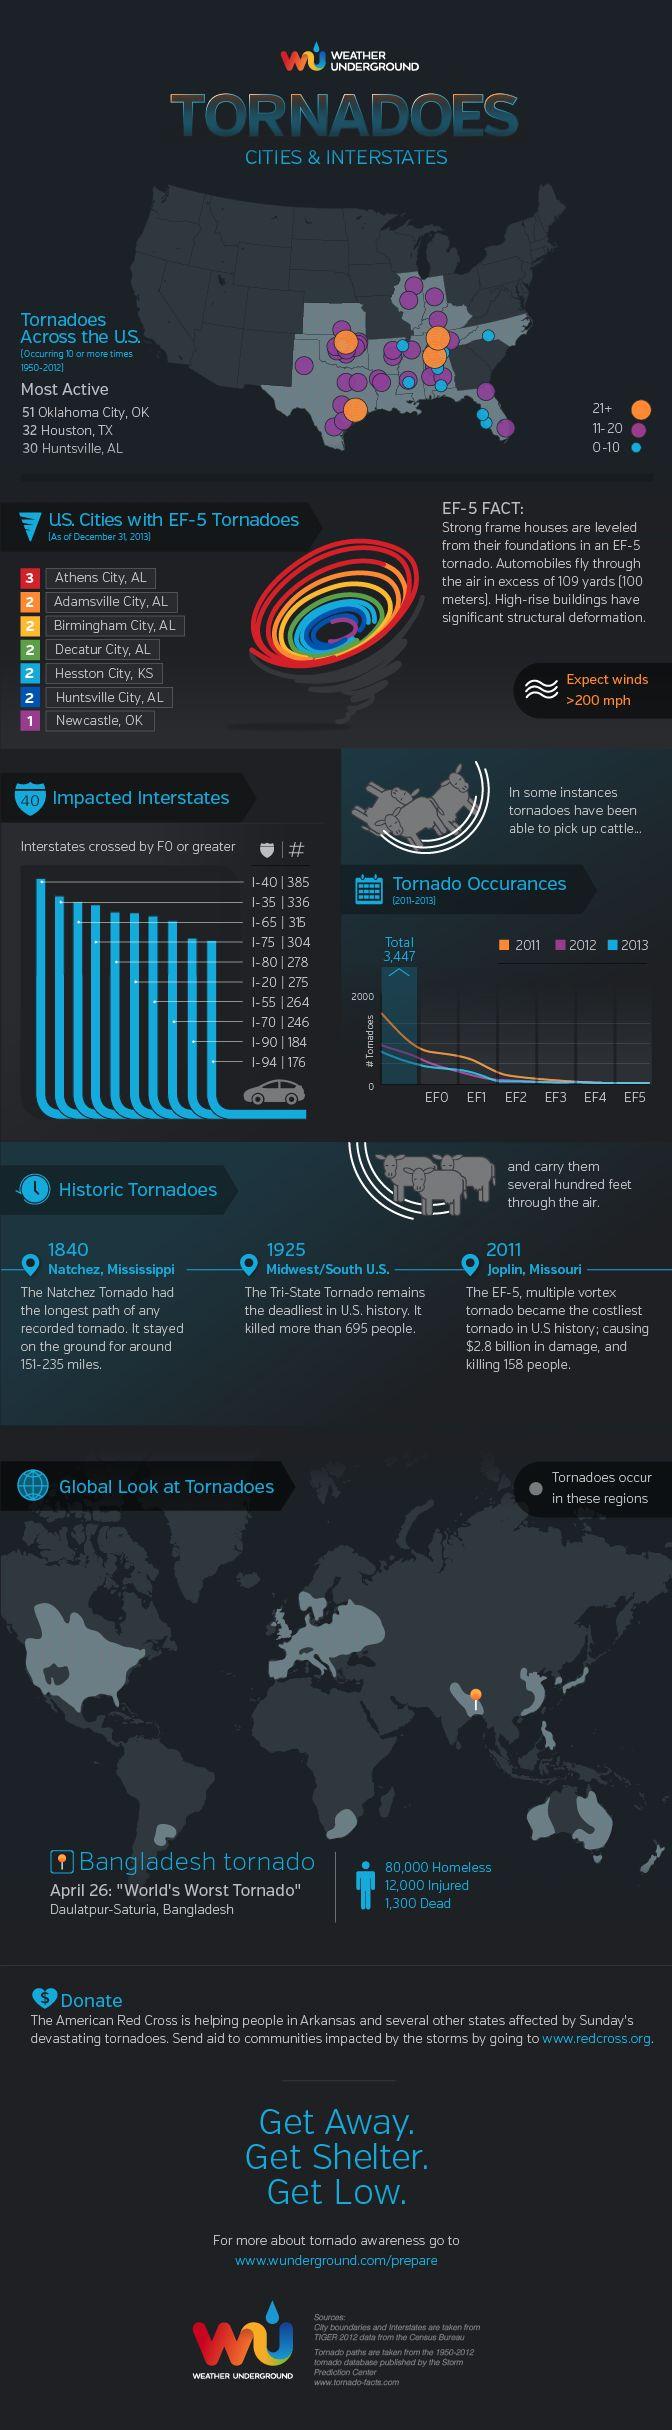 Tornadoes- Weather Underground tornado infographic.